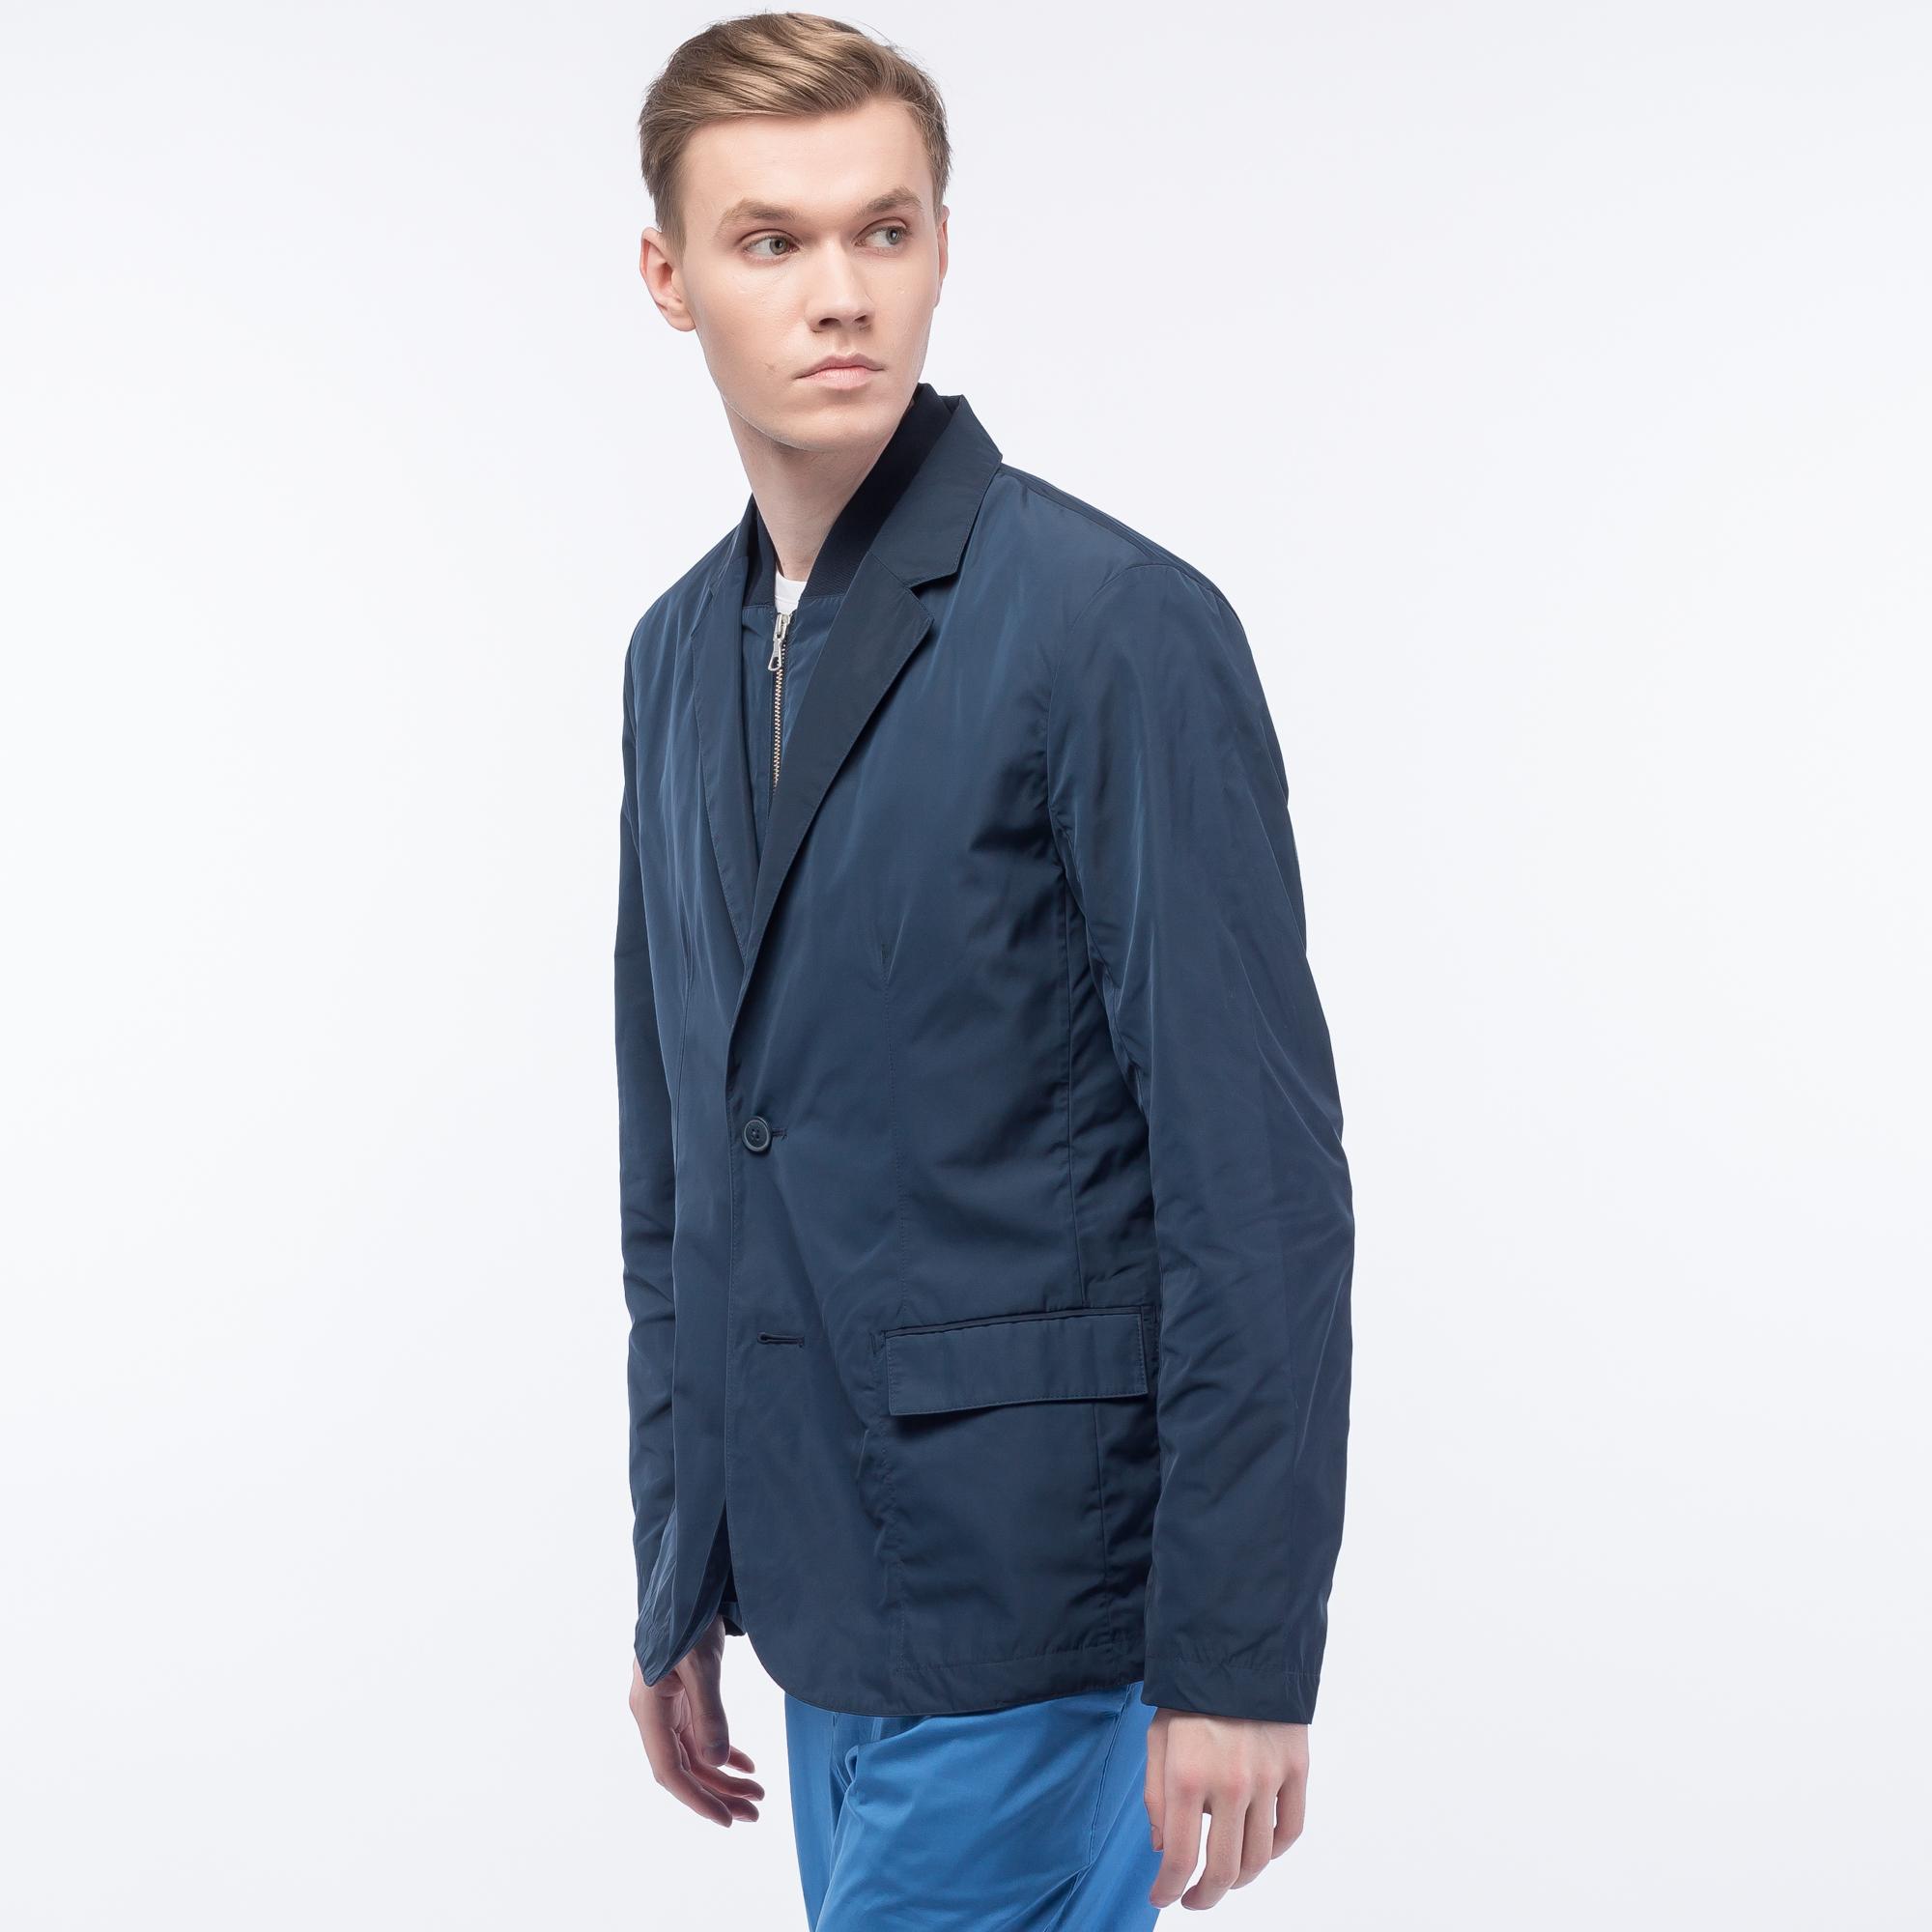 Куртка LacosteВерхняя одежда<br>Детали: стильная мужская куртка с карманами \ Материал: 100% полиэстер 100% полиамид 99% полиамид 1% другие \ Страна производства: Китай